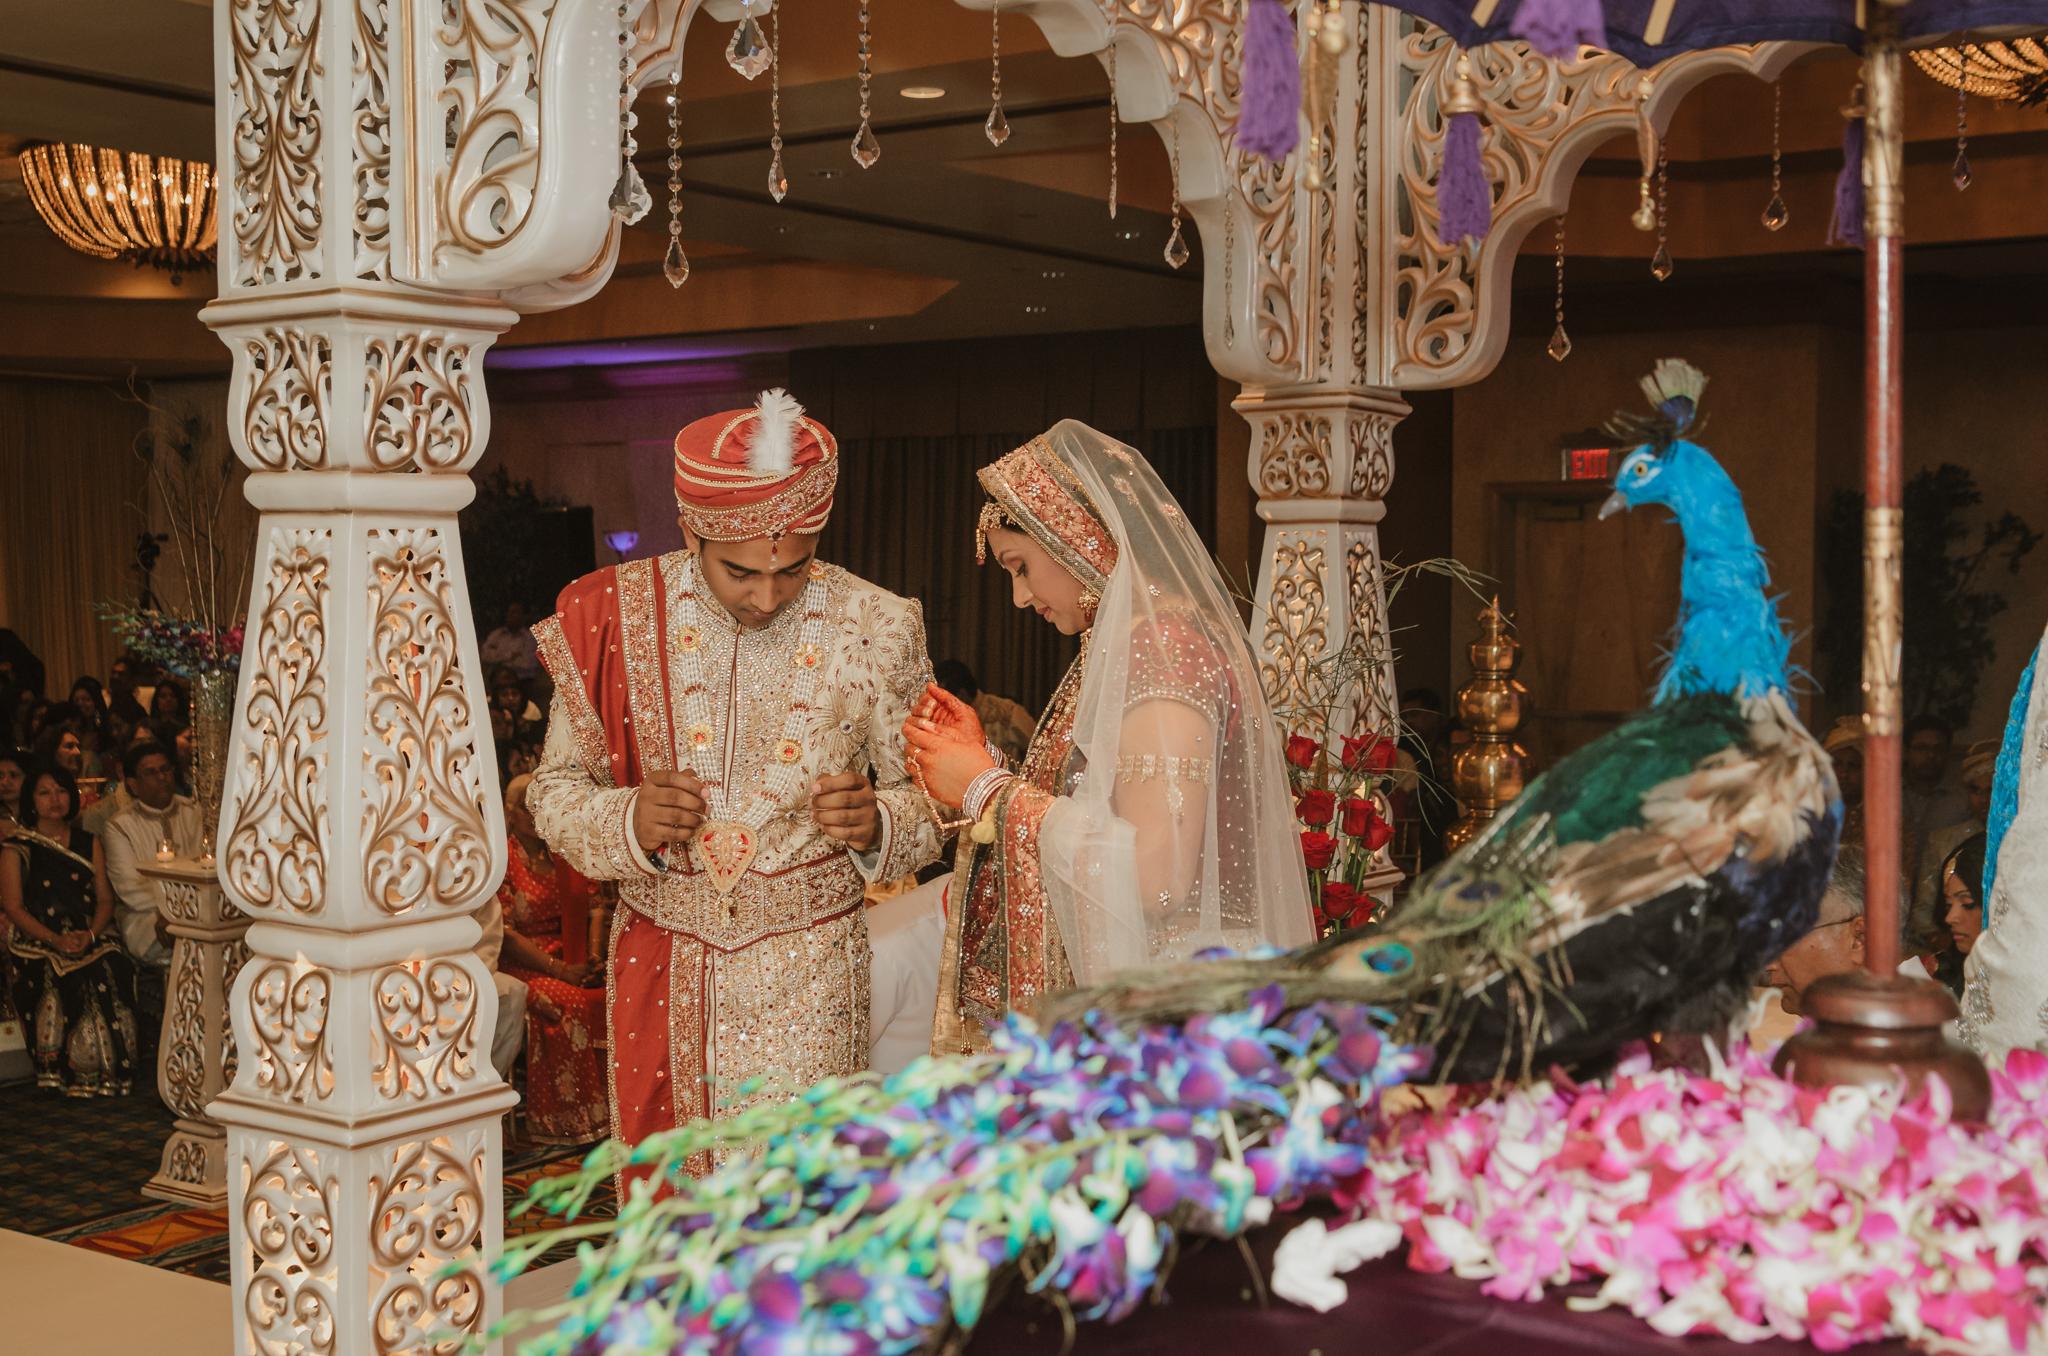 ANU + AVI SOUTH ASIAN INDIAN WEDDING:  WESTON, FLORIDA